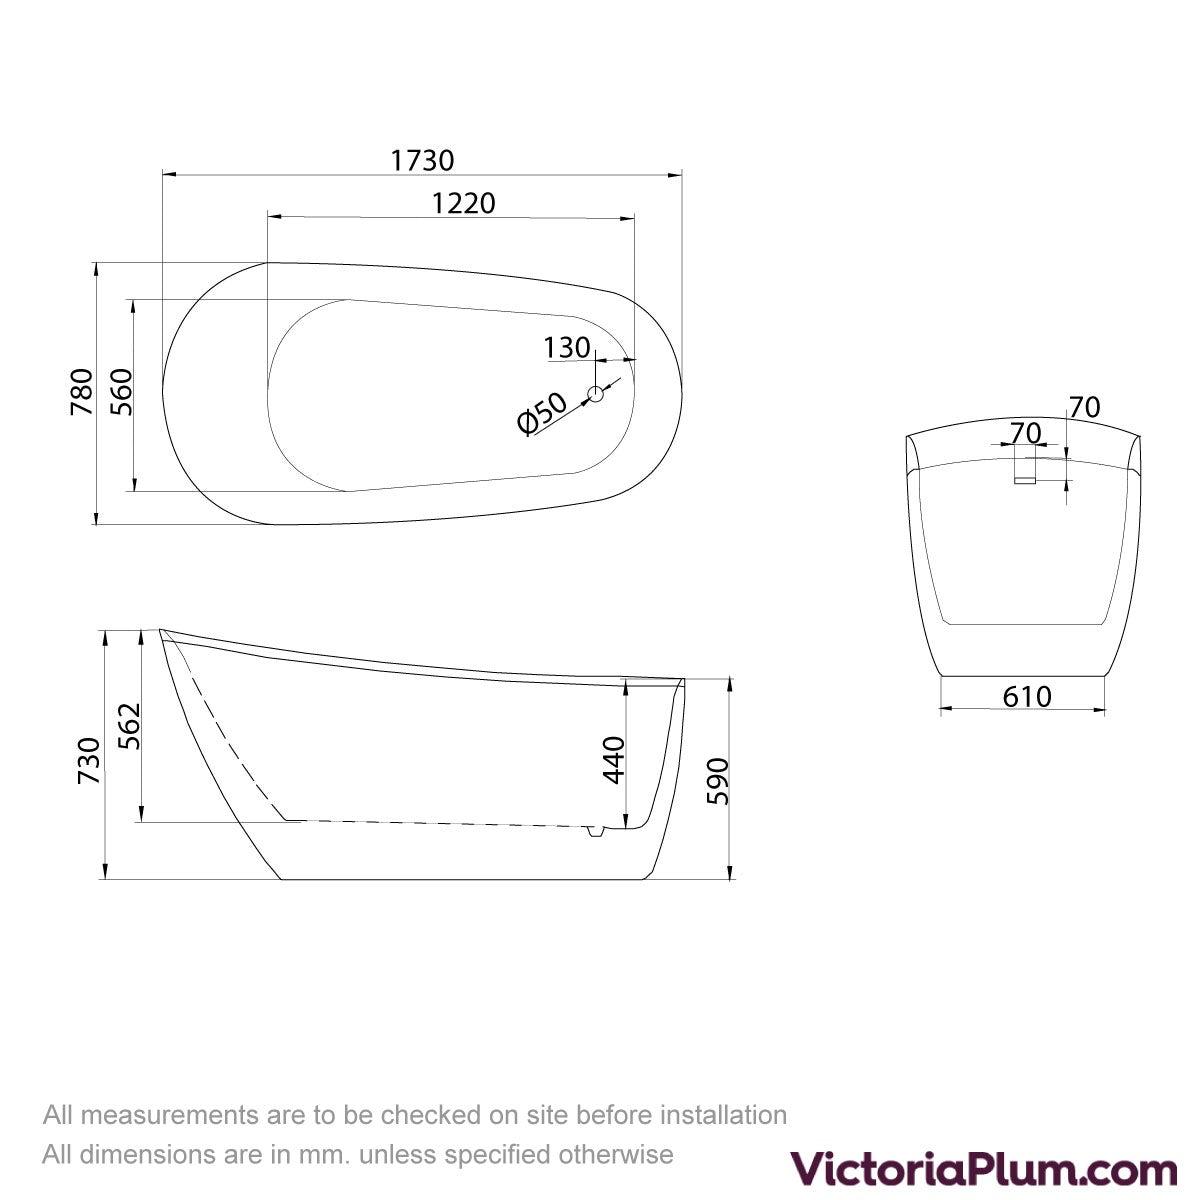 Dimensions for Belle de Louvain Camesi bath